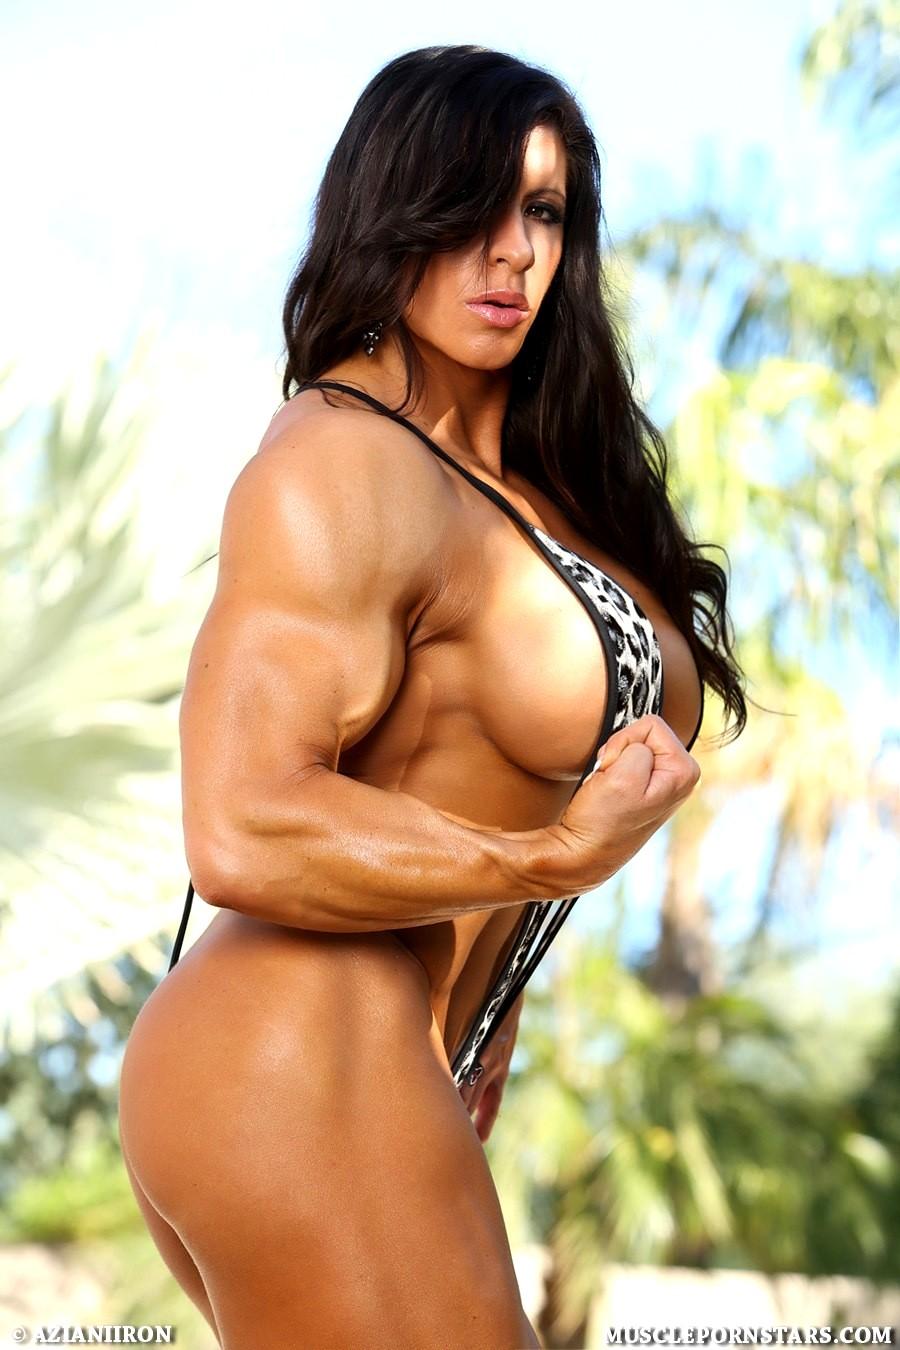 Azianiiron Angela Salvagno Sexhab Amazon Muscle Woman -8507